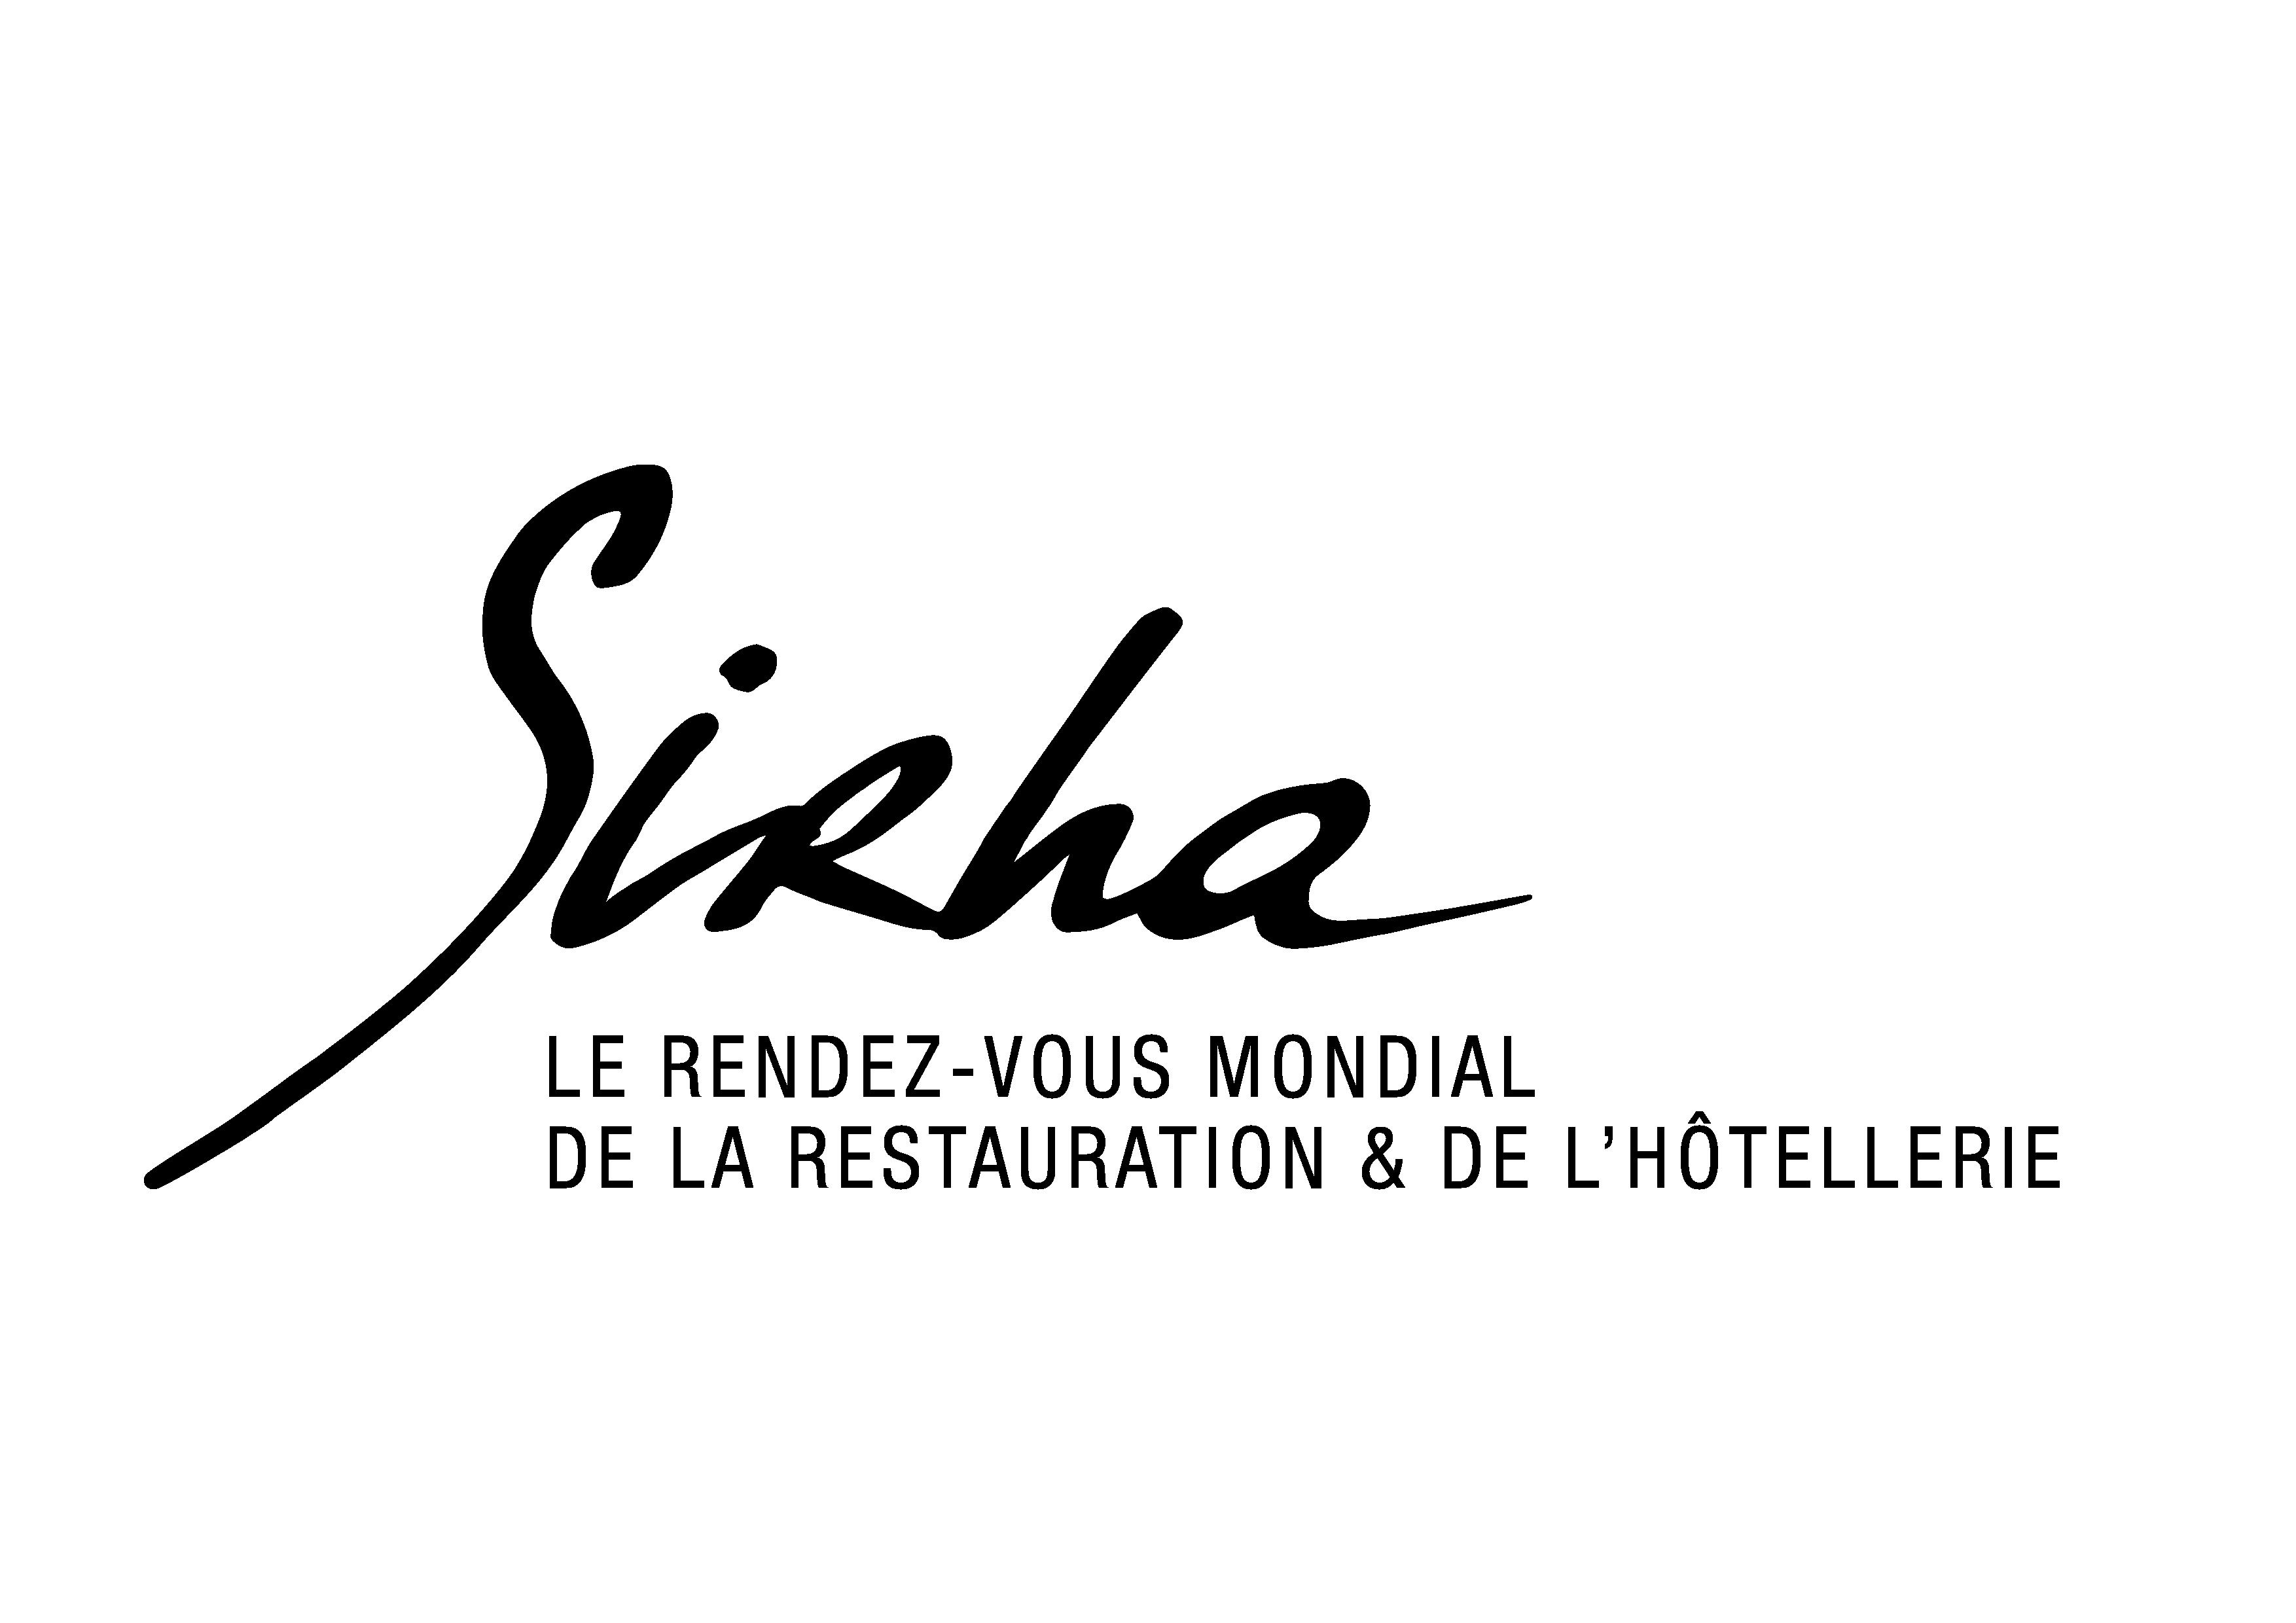 logo_sirha_fr1_b